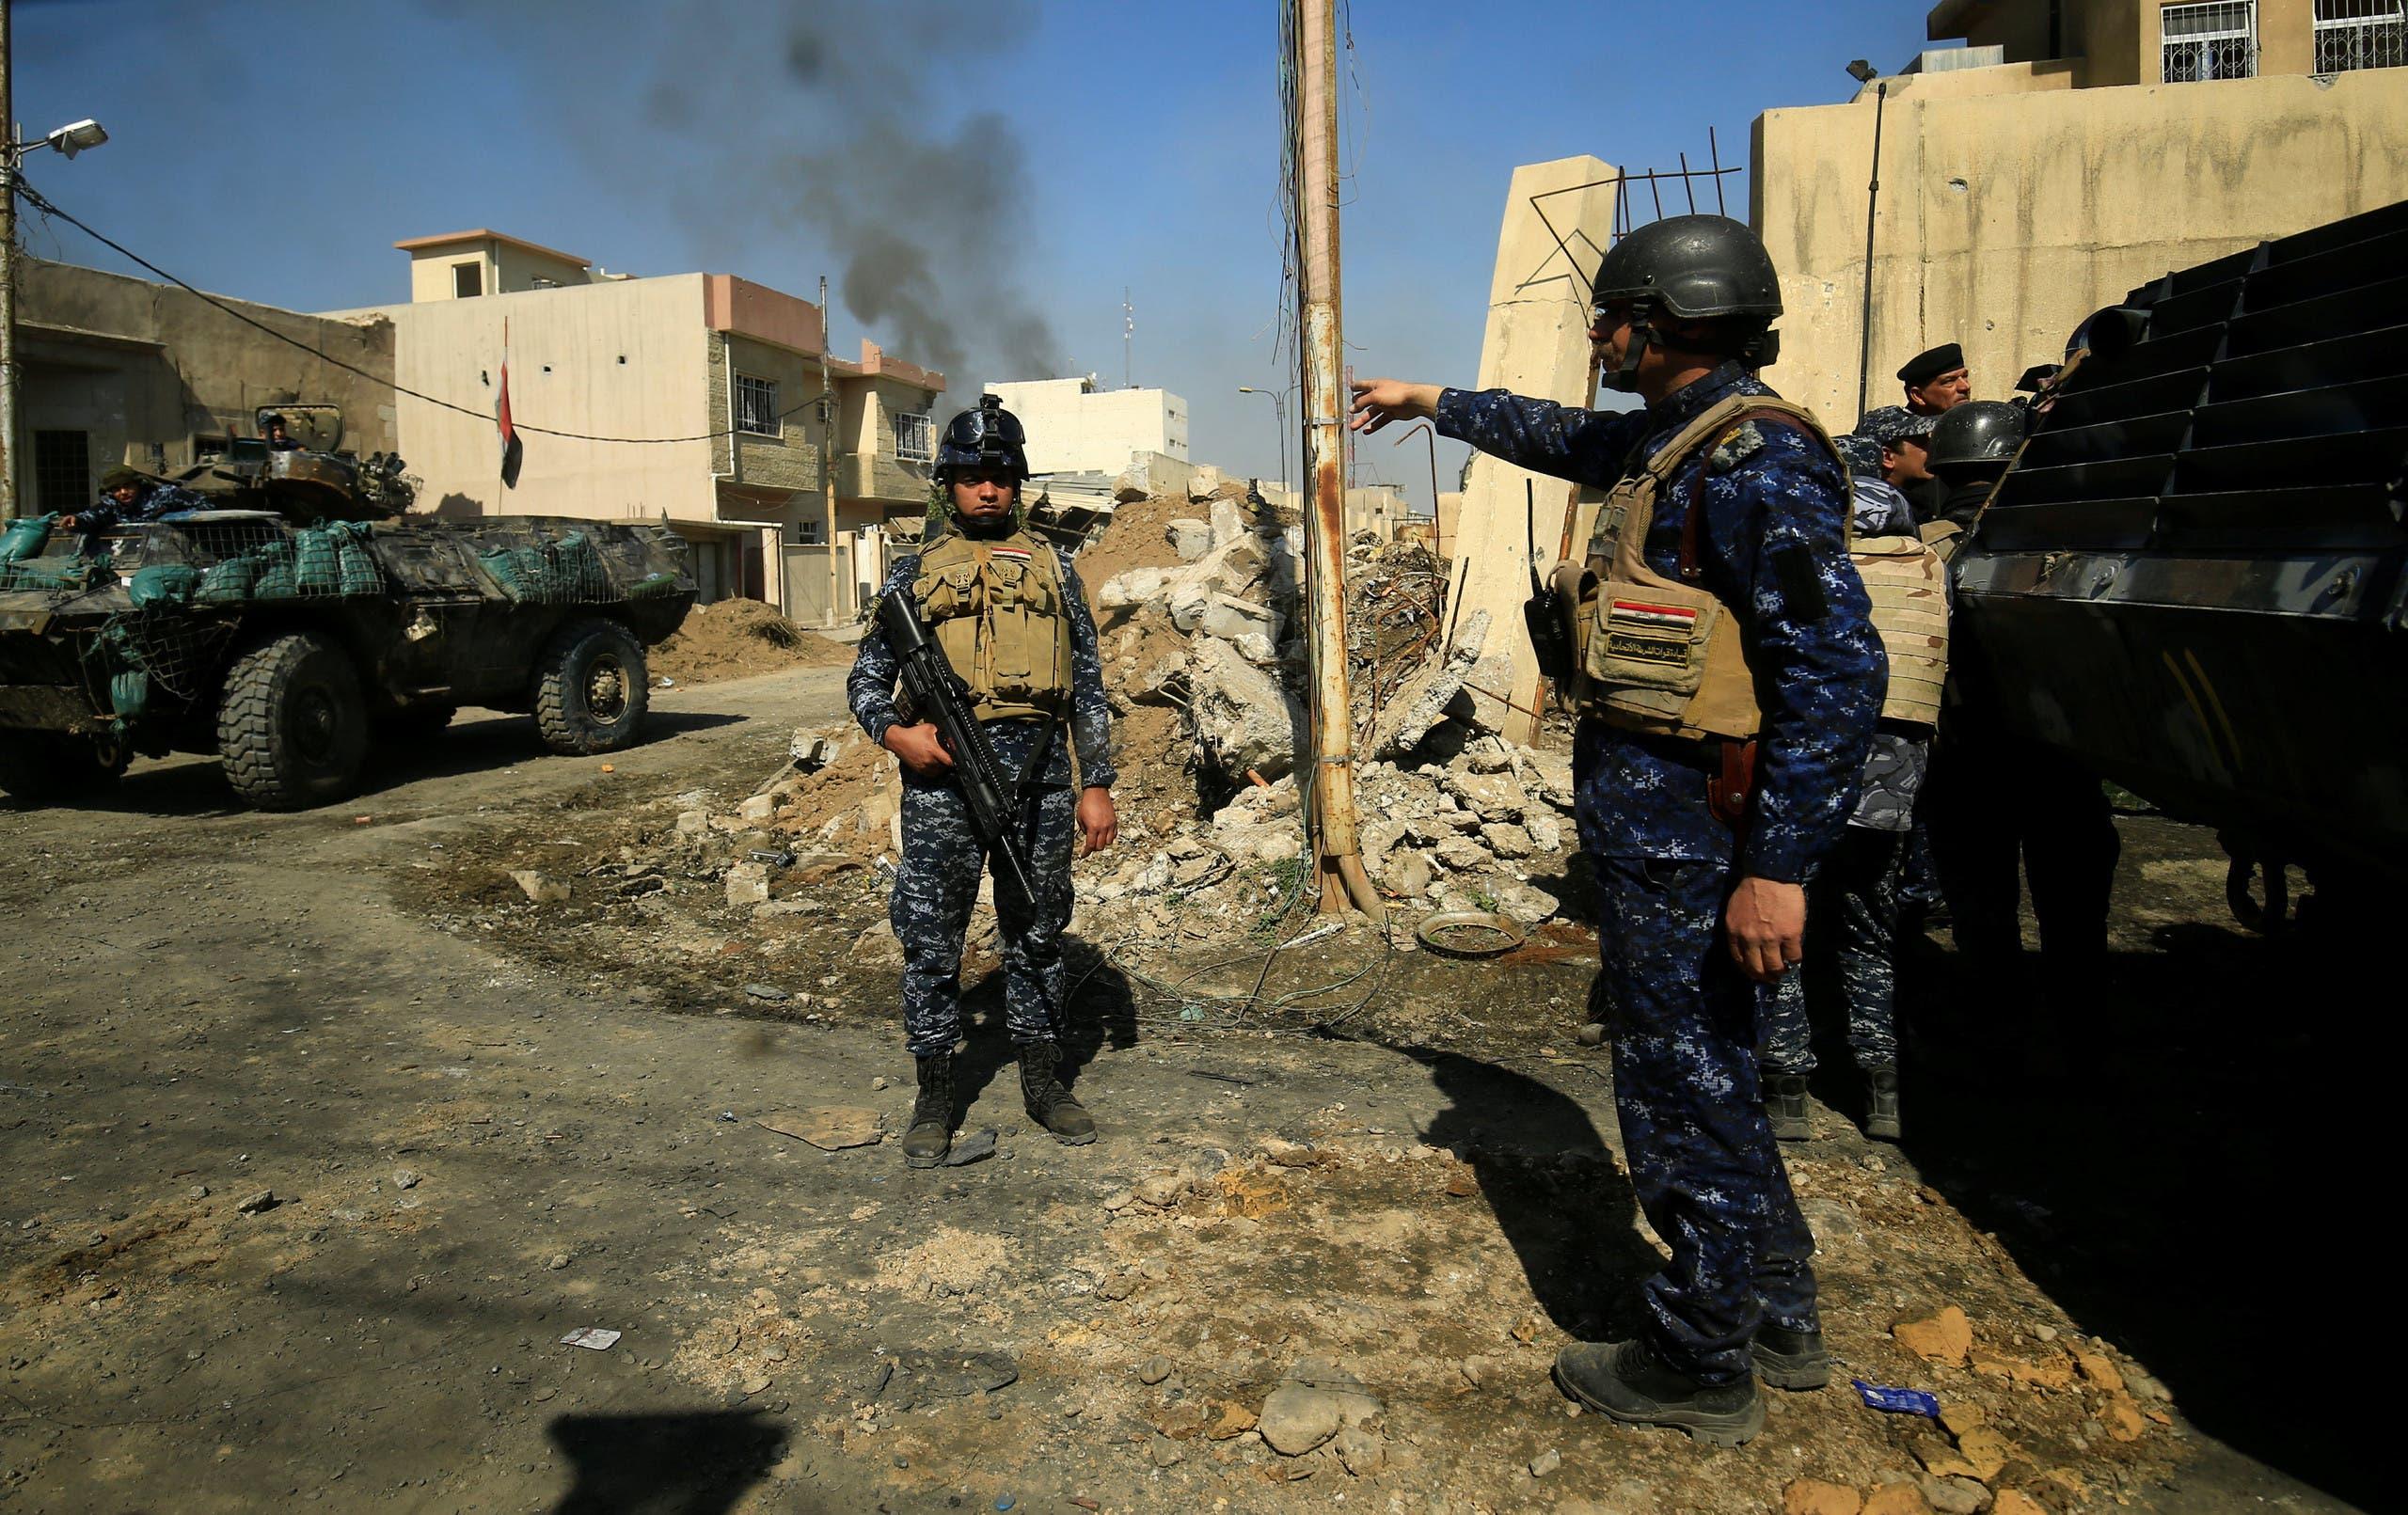 عناصر من الشرطة الاتحادية خلال معركة مع داعش في الموصل